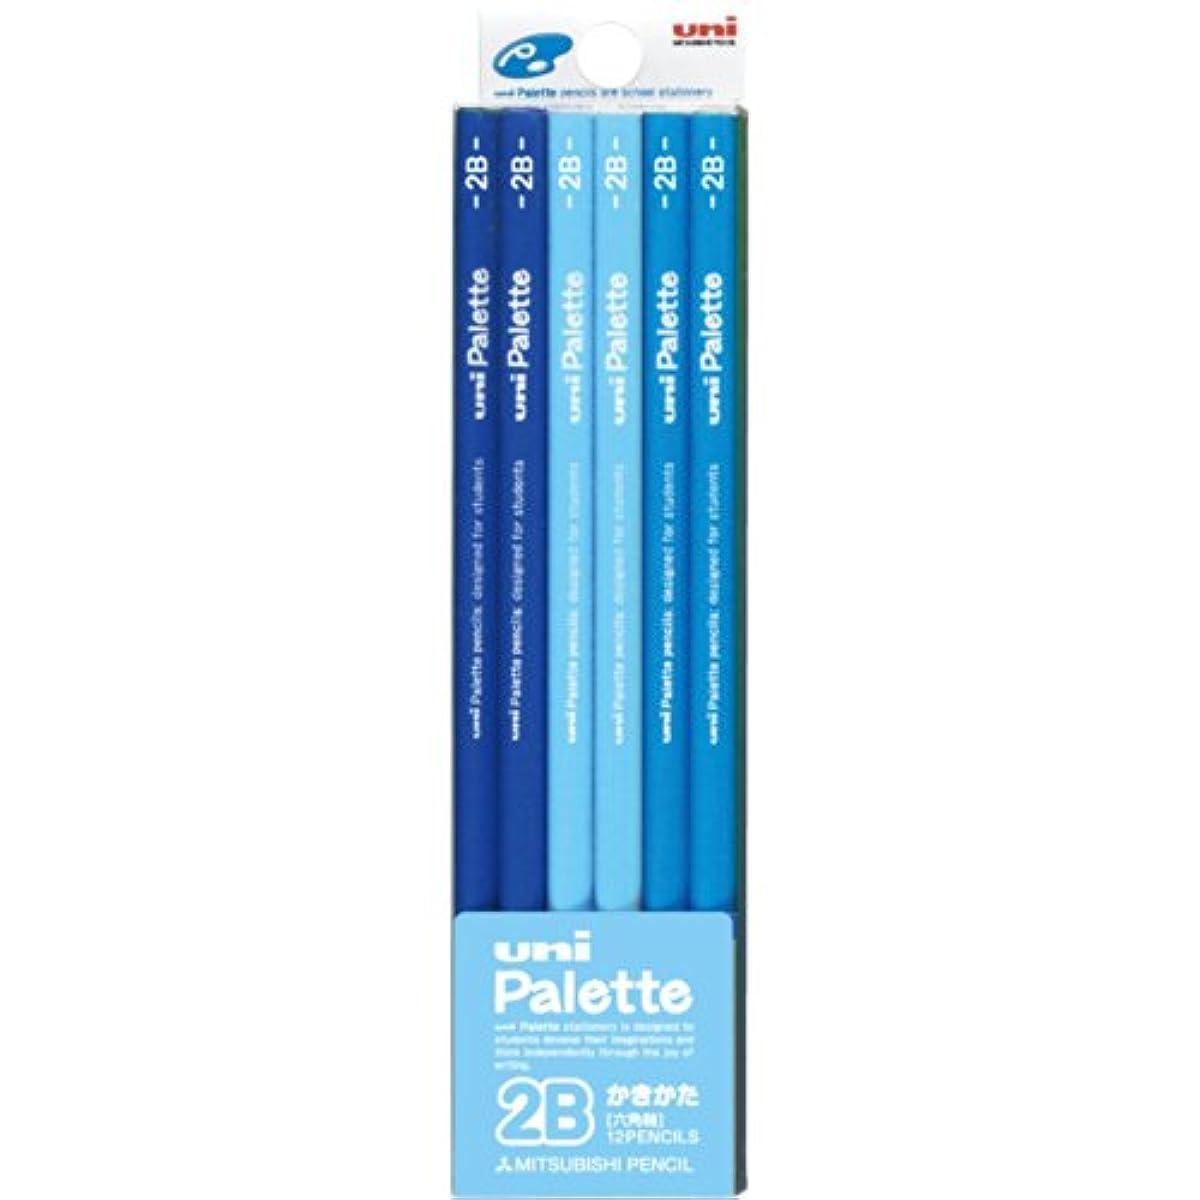 [해외] 미츠비시 연필 부족한 방법 연필 유니 팔레트 2B 파스텔 블루 1다스